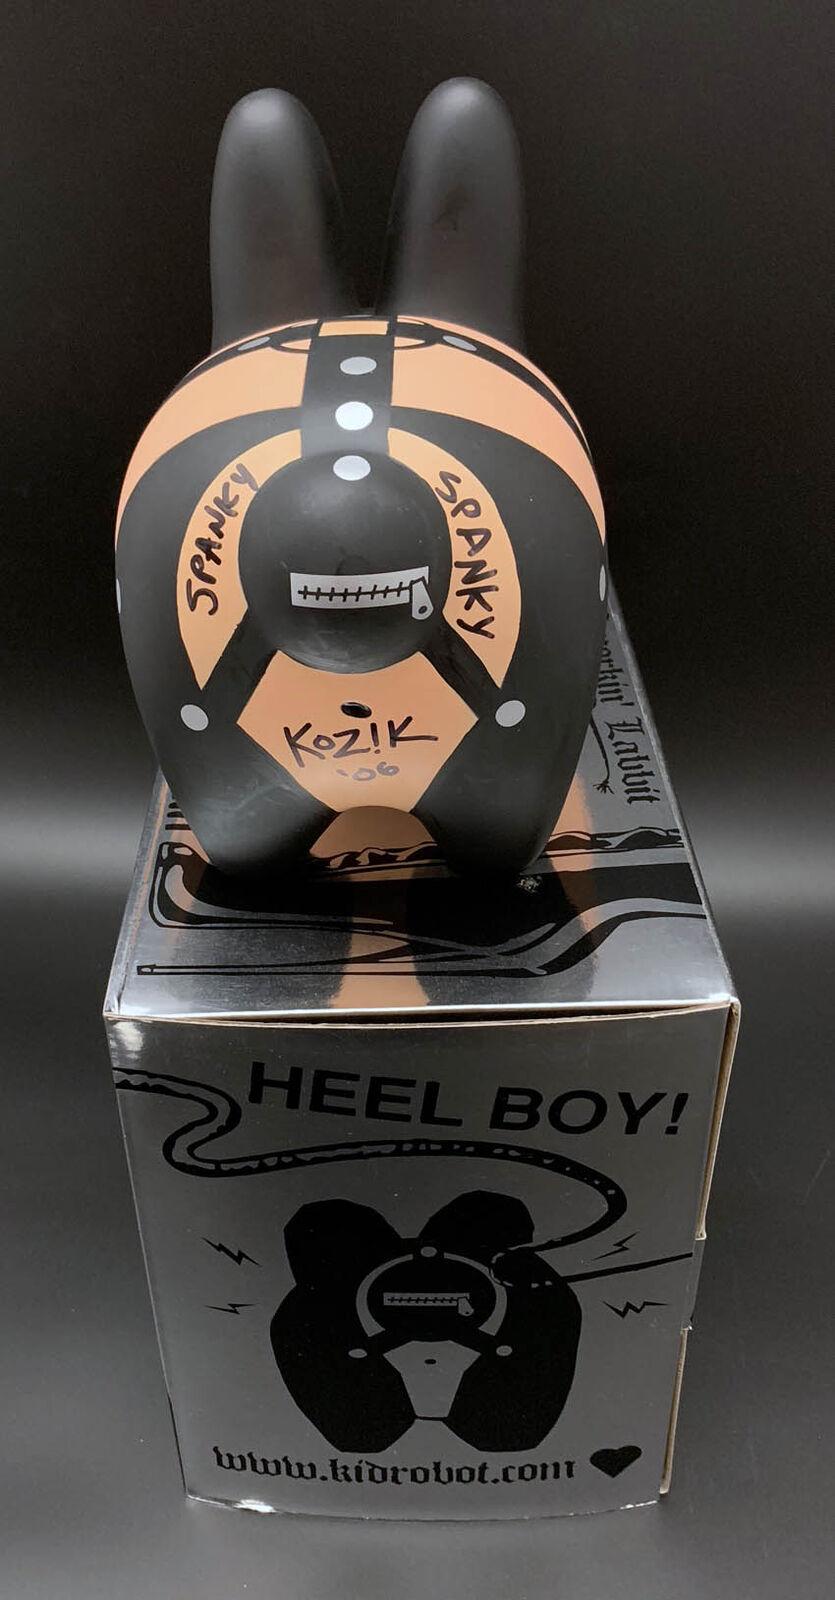 Frank Kozik SIGNED SIGNED SIGNED Kidrobot Bondage Labbit AUTOGRAPHED New in Box Vinyl 56f308